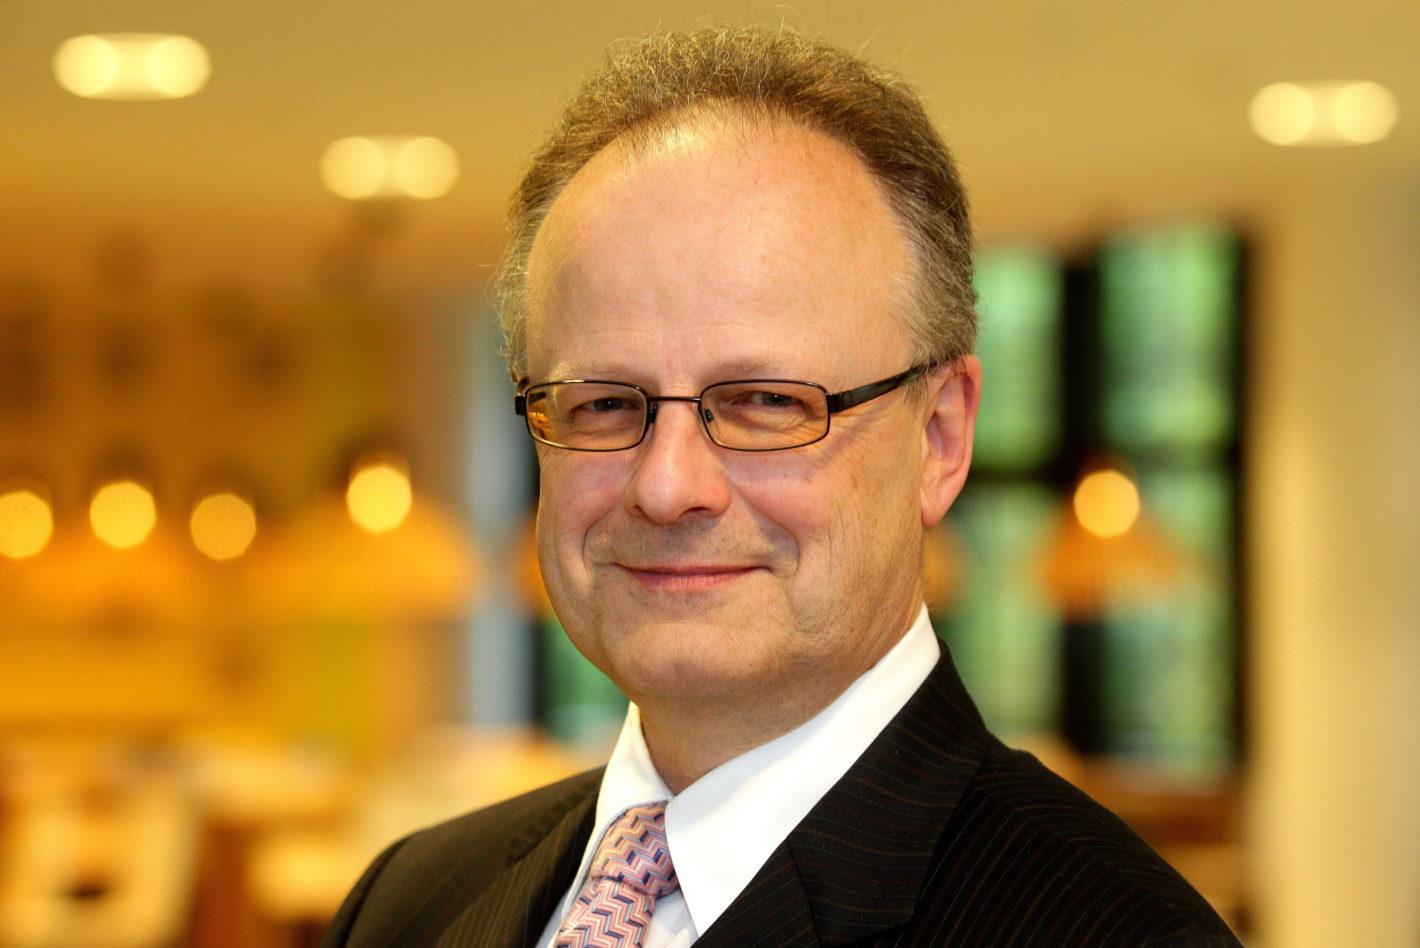 Prof. Hartwig Webersinke